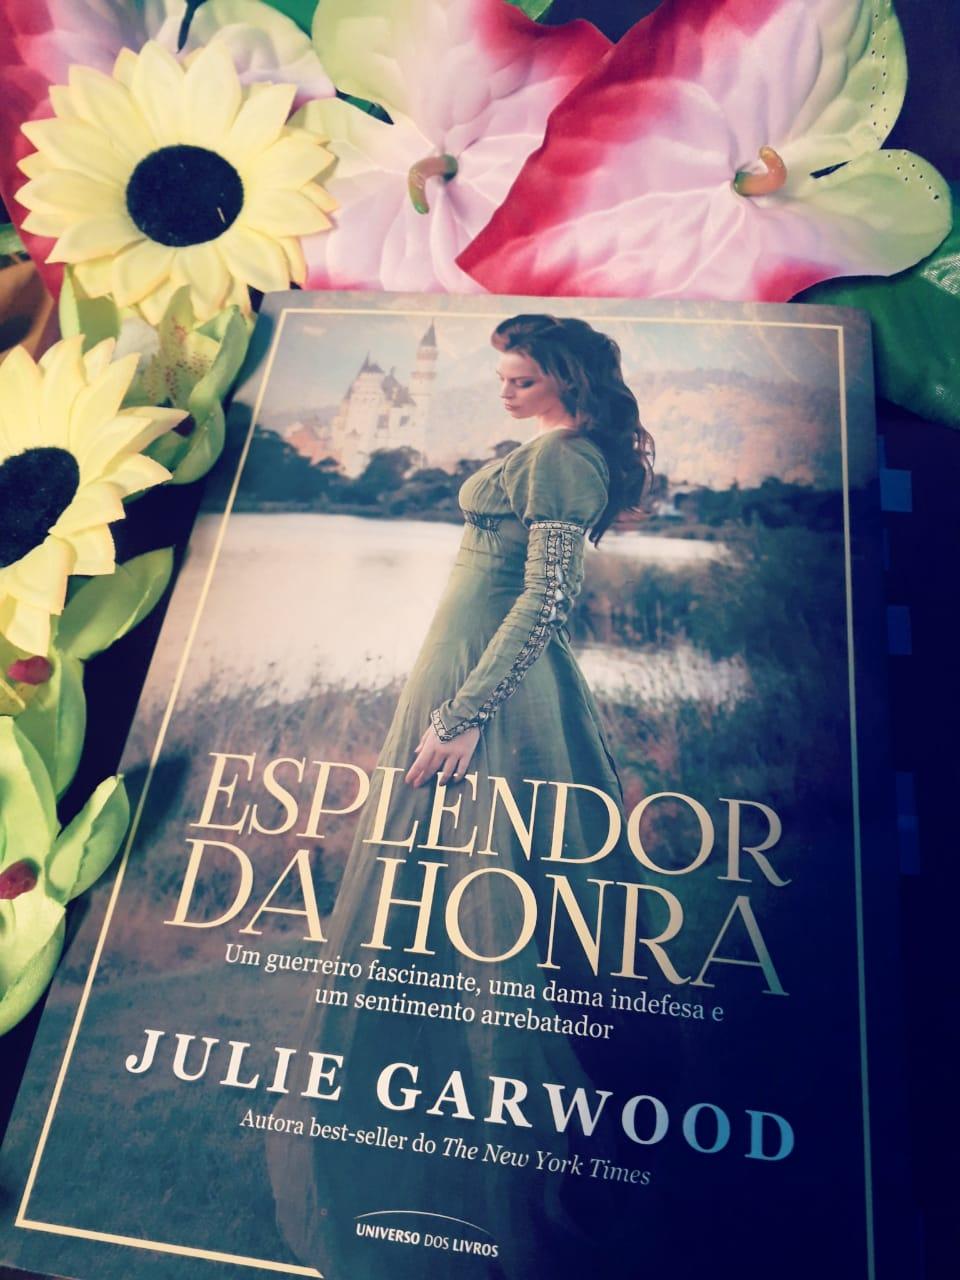 Esplendor da honra, beleza de livros, blog, livros, julie garwood